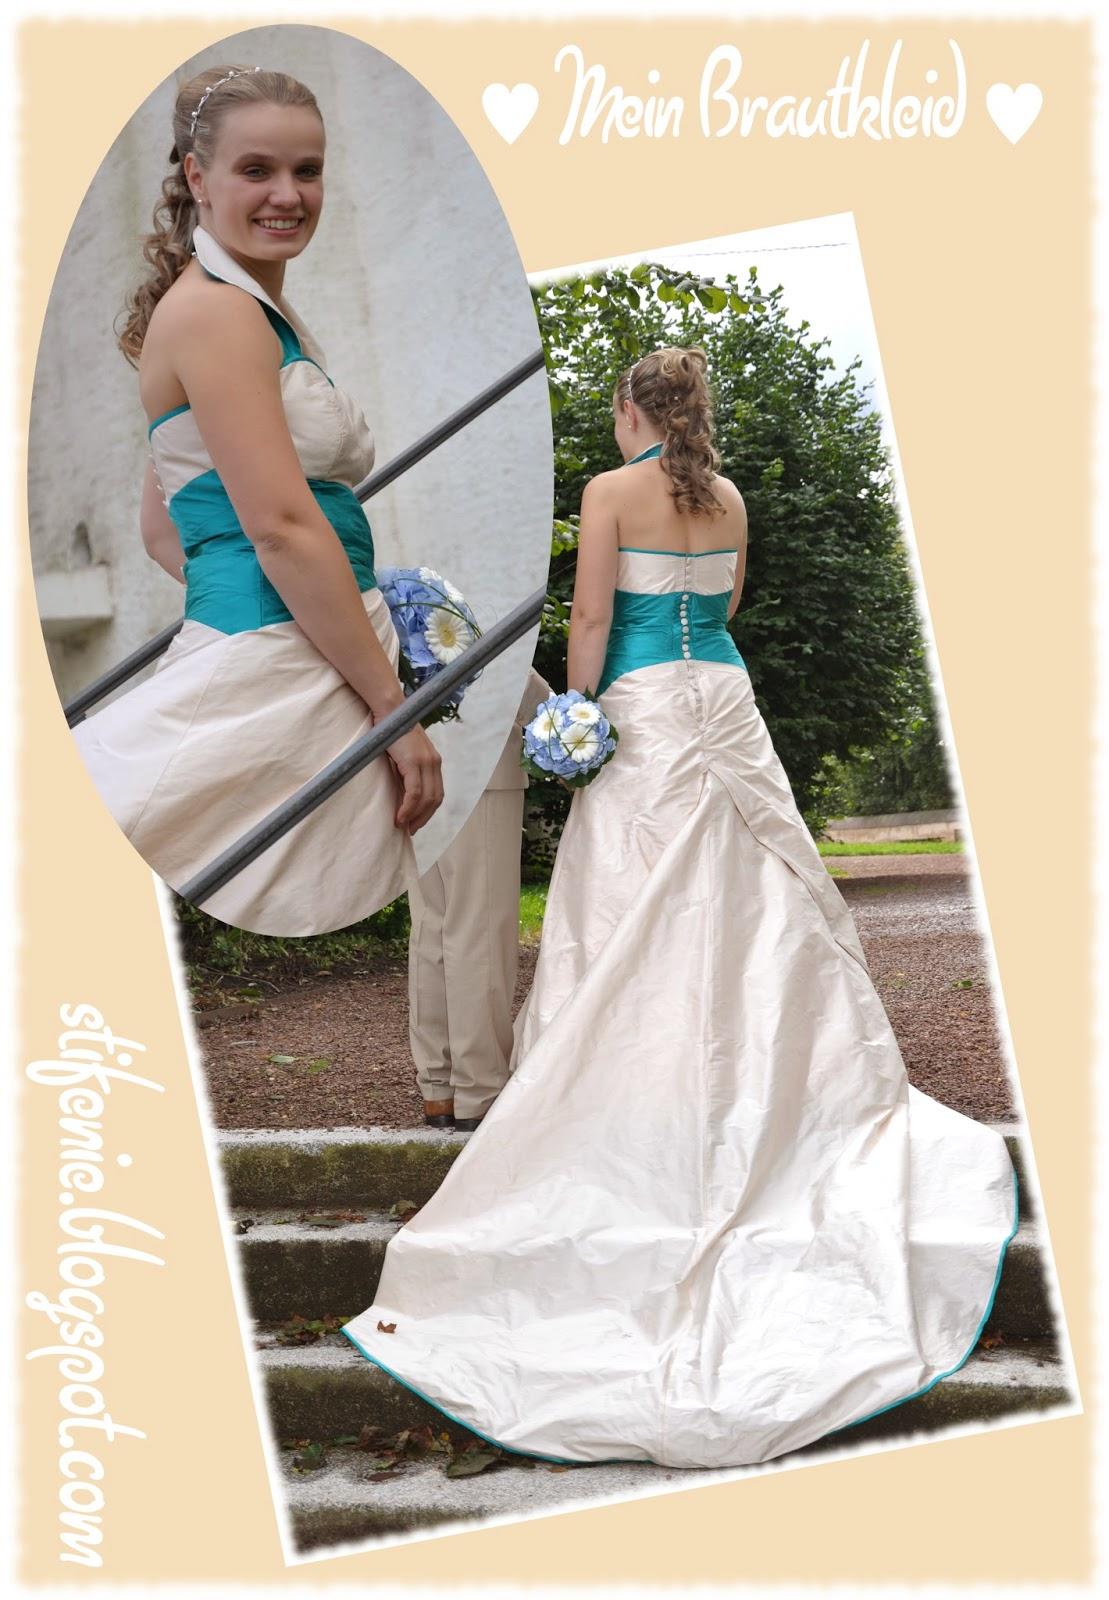 ♥ Mein Brautkleid ♥